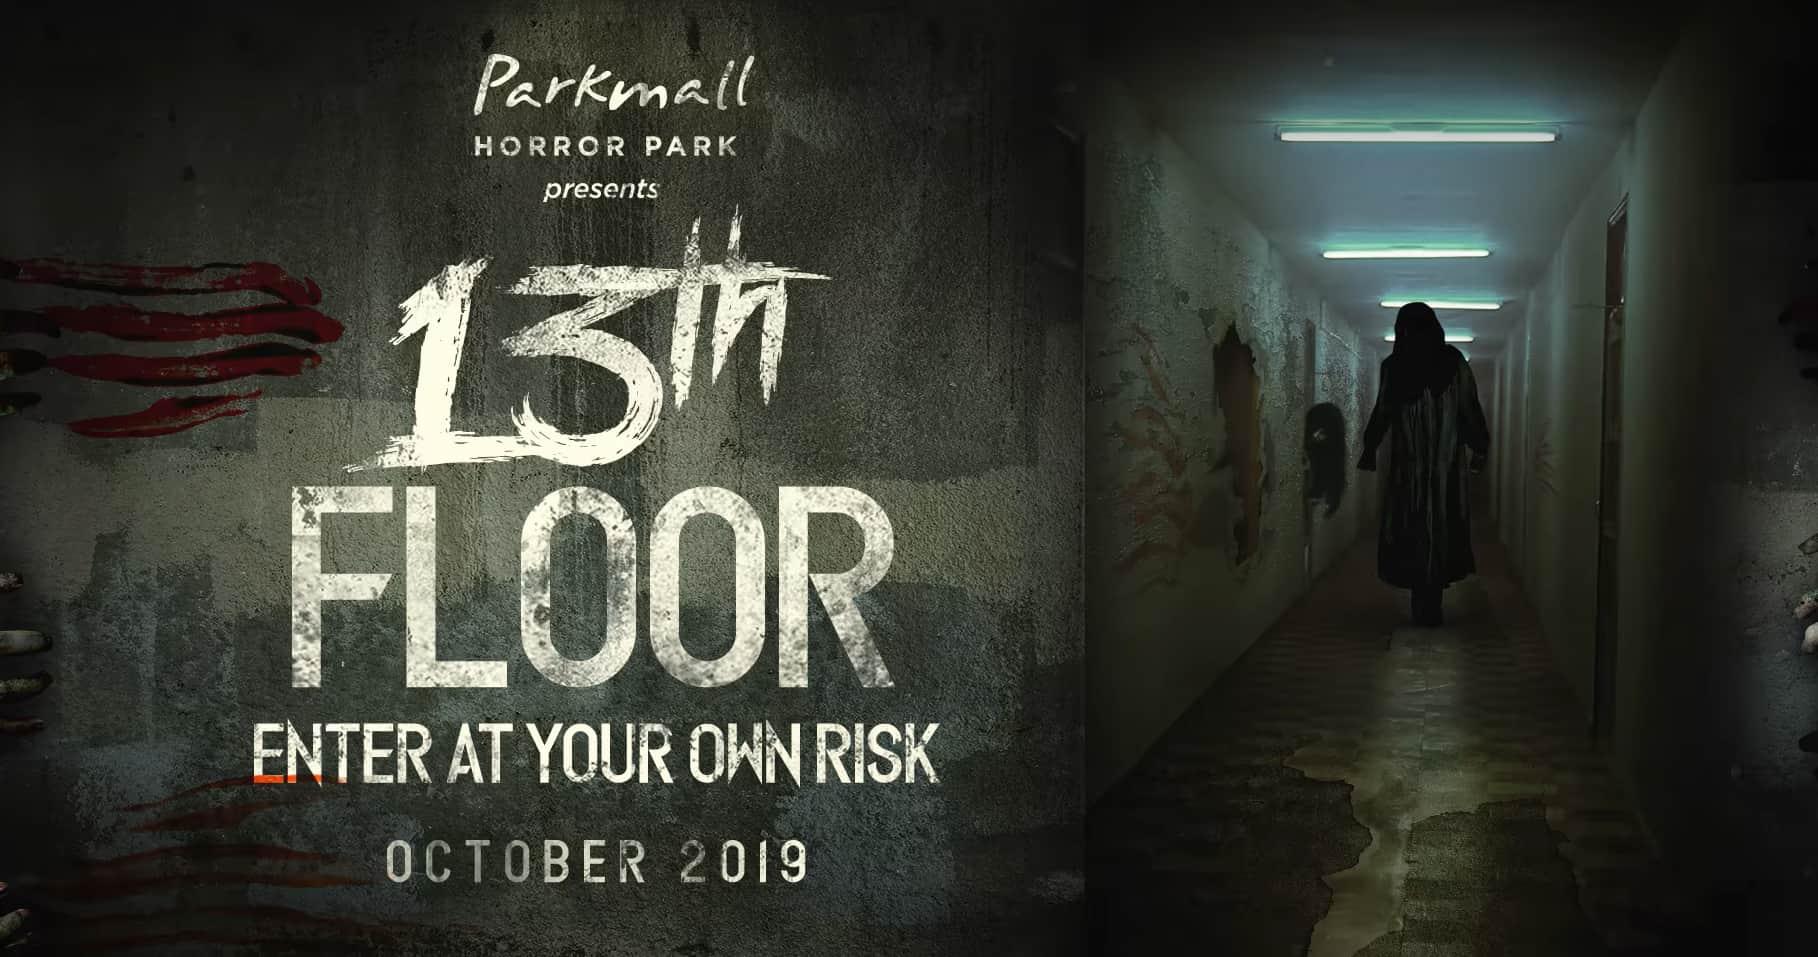 """13th Floor"""" Horror Park at Parkmall"""